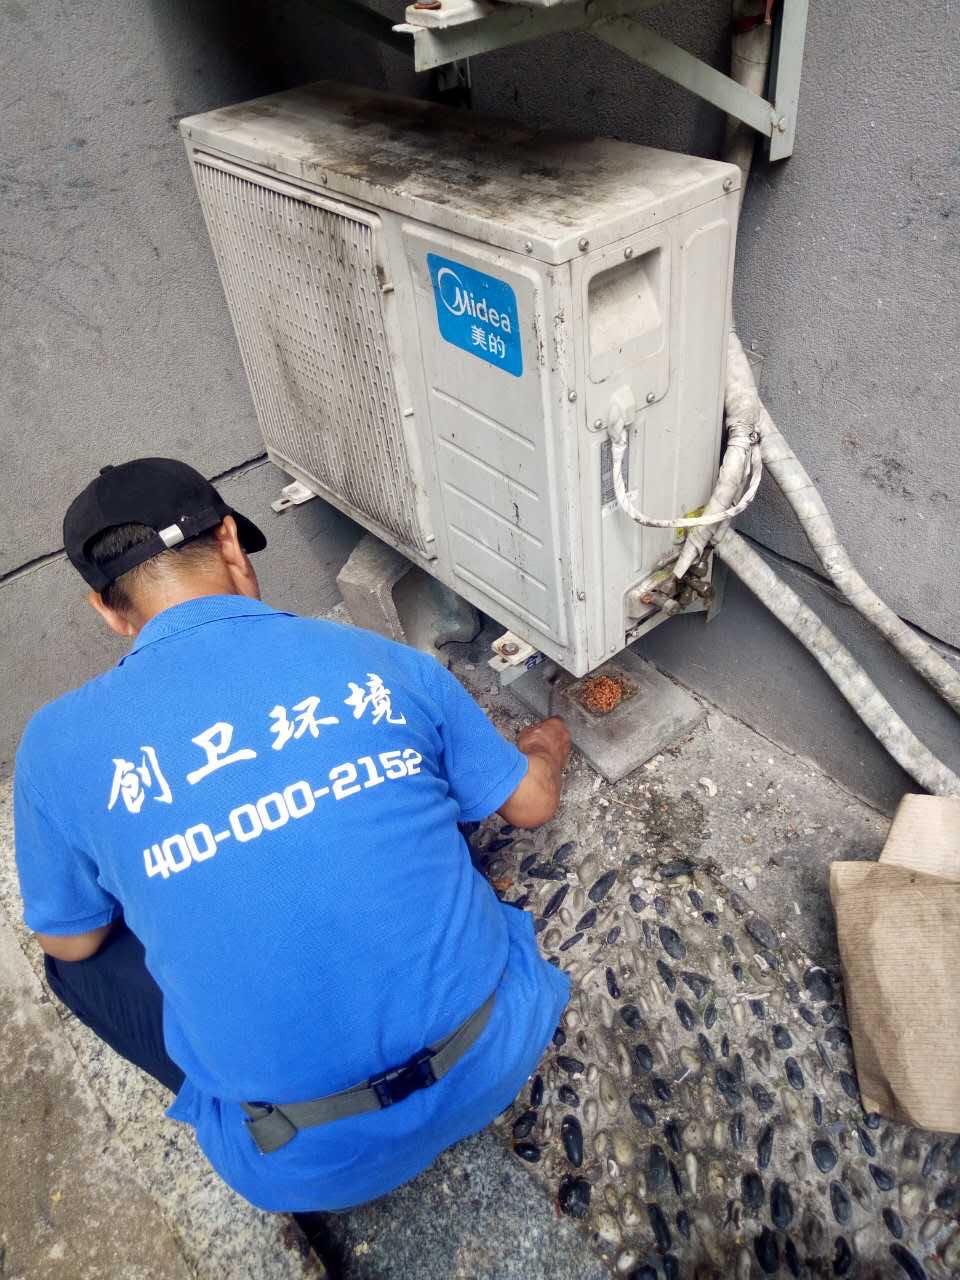 深圳灭鼠公司哪家比较专业 公司动态